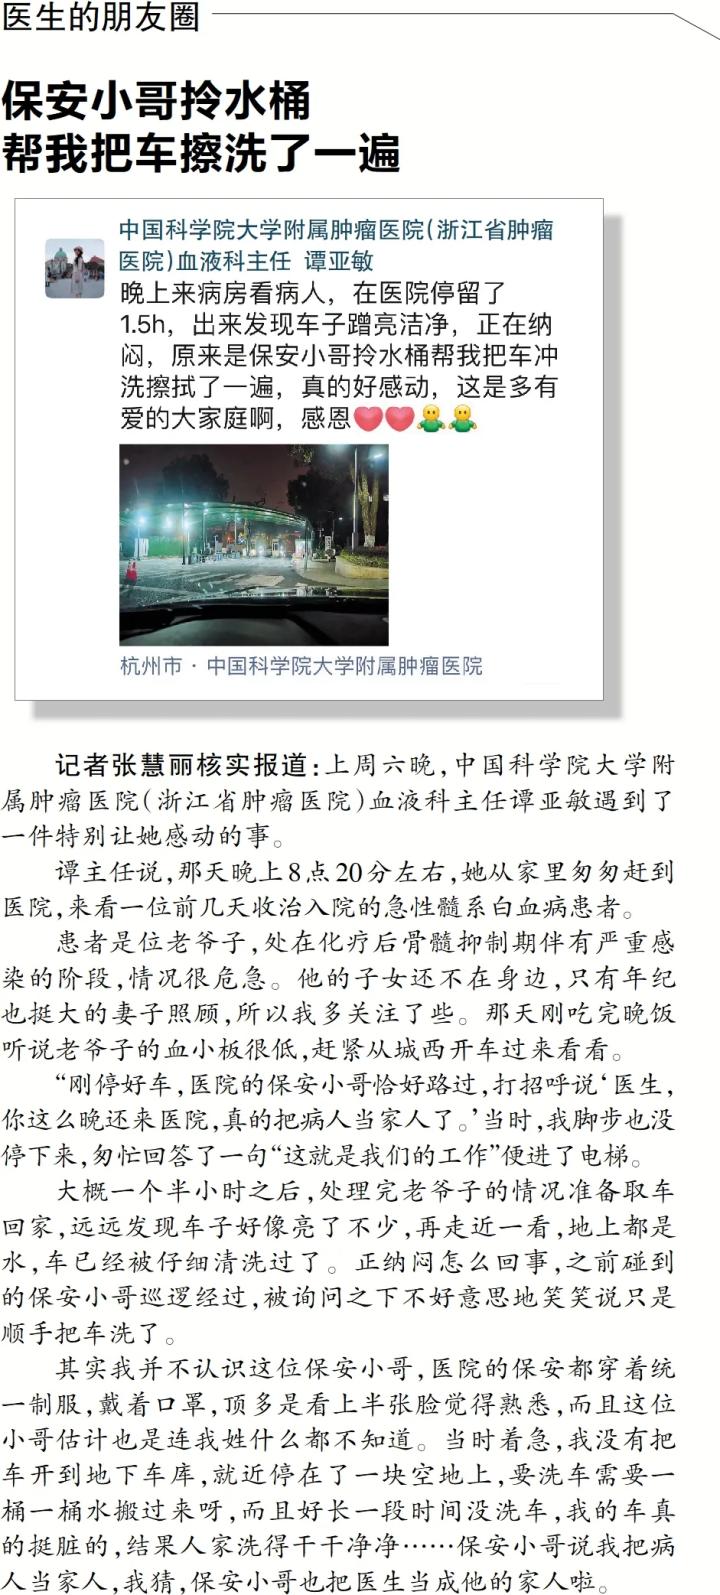 杭州医生深夜回医院看望病人,出来后看到自己车子大吃一惊:真的好感动